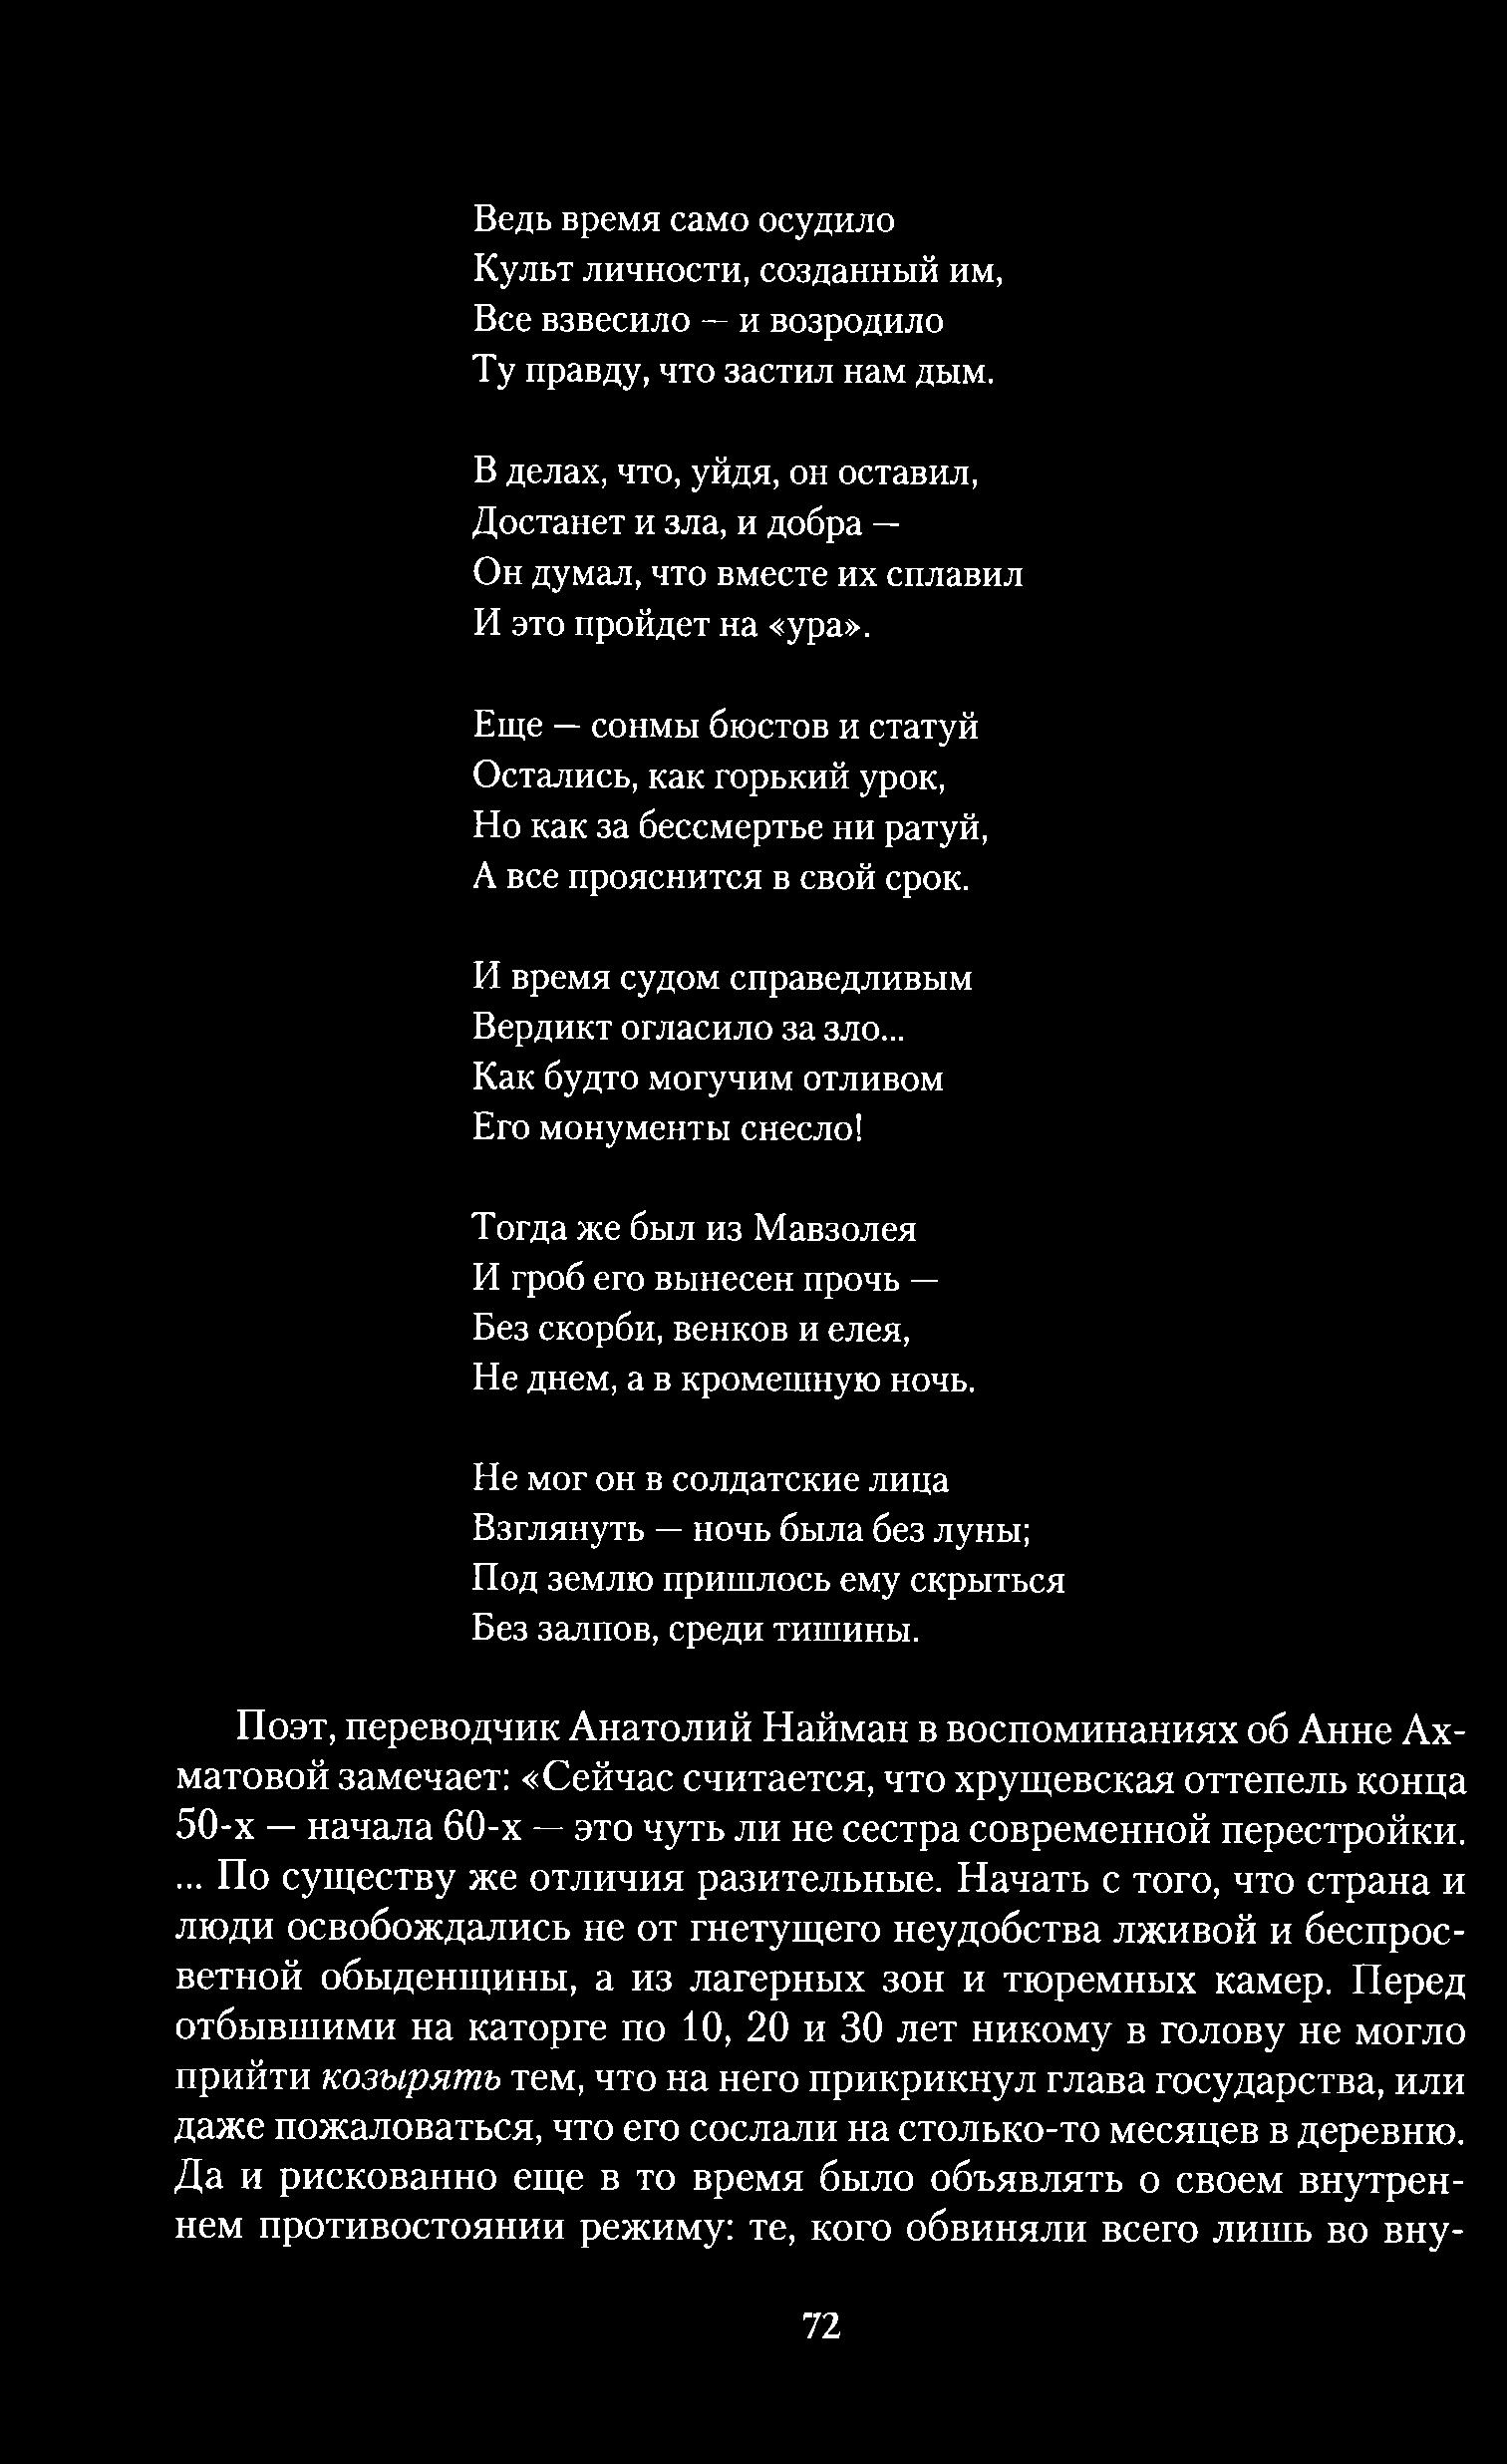 откуда произошло слово ура